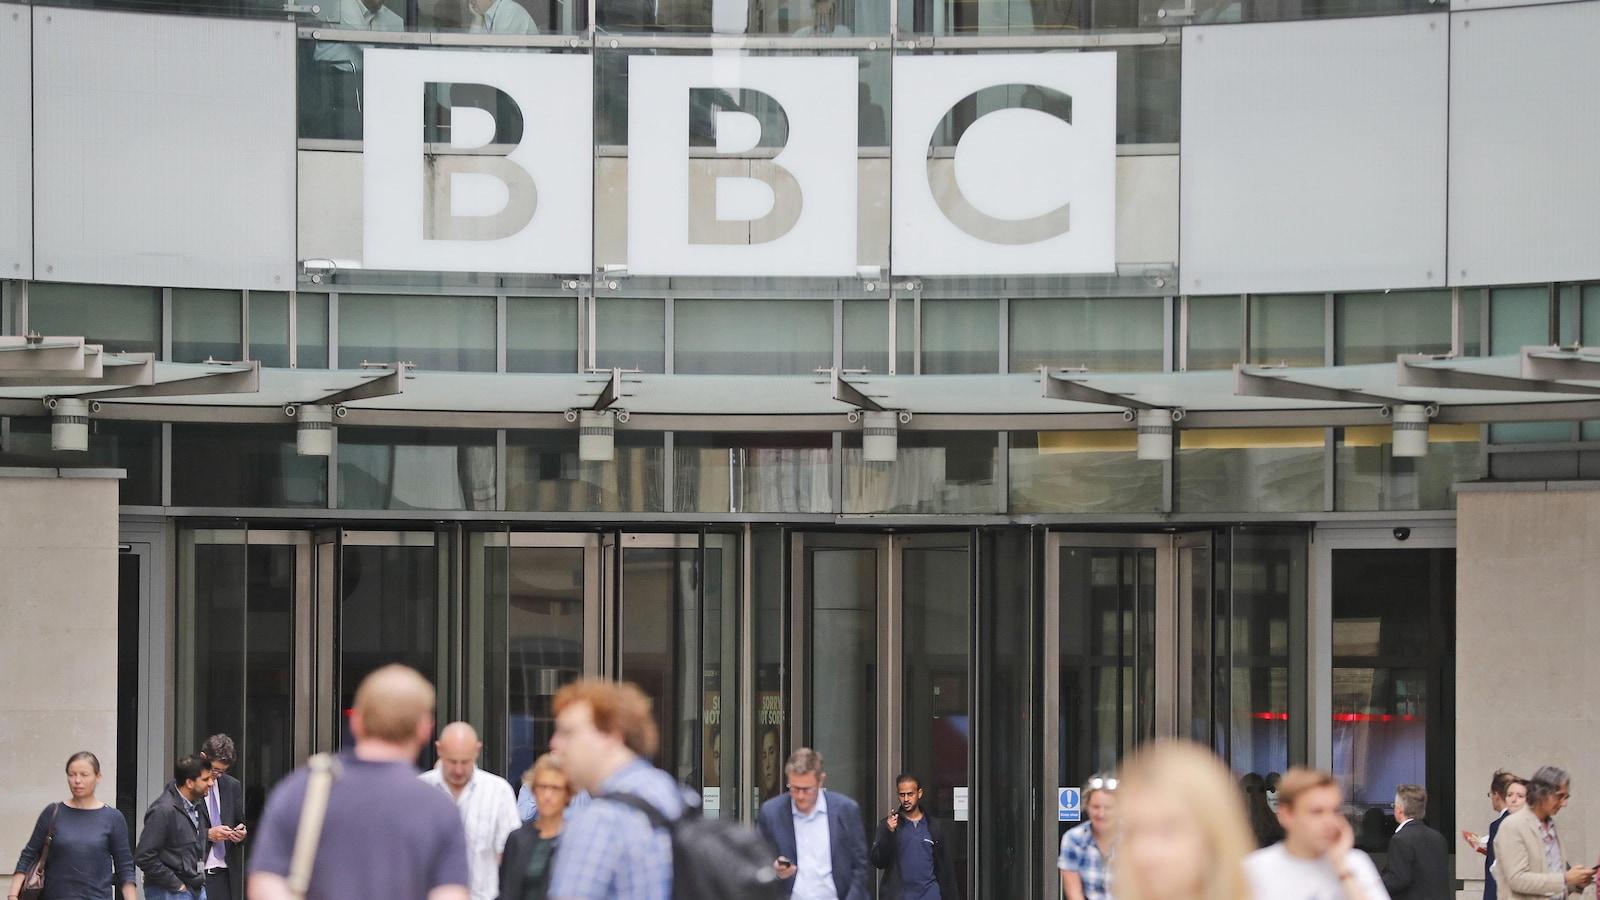 Le siège social de la BBC à Londres.